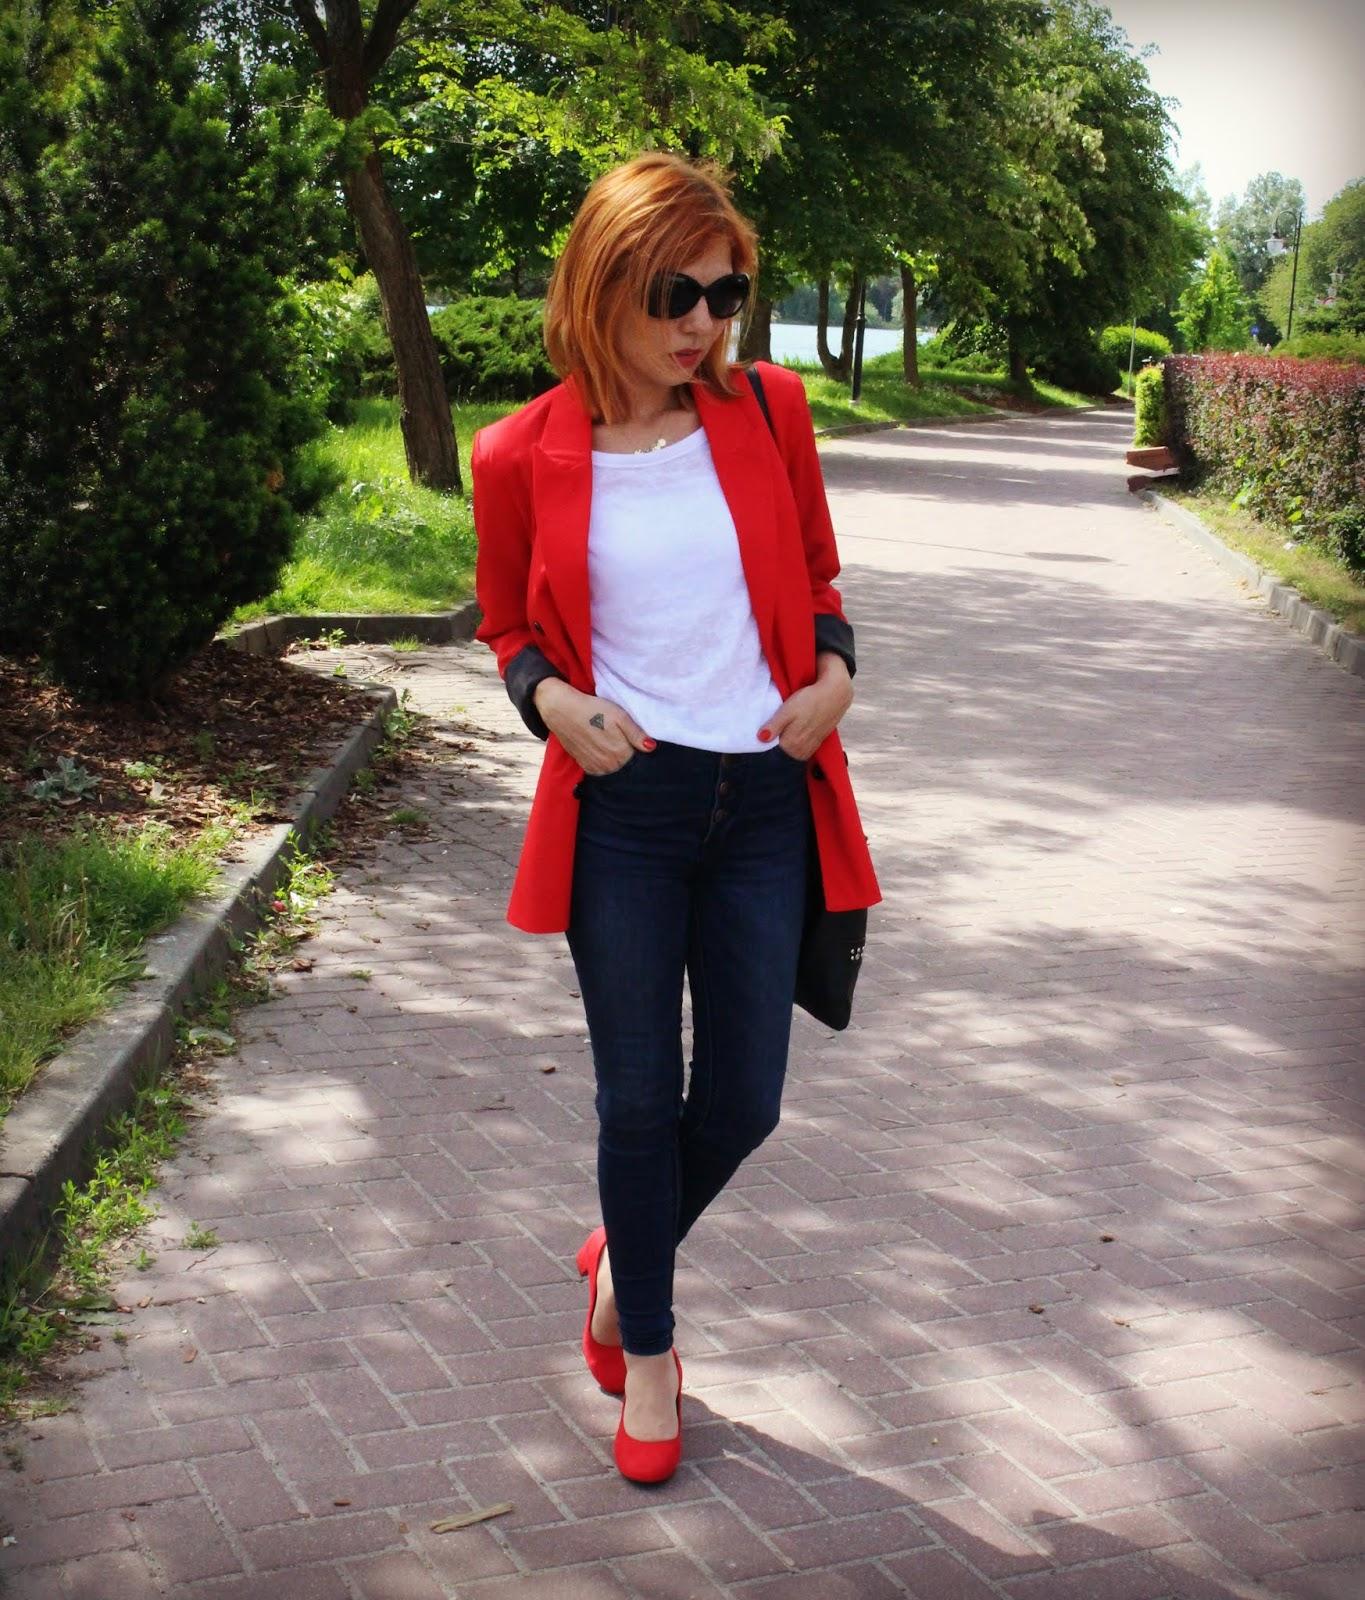 SheIn Red blazer